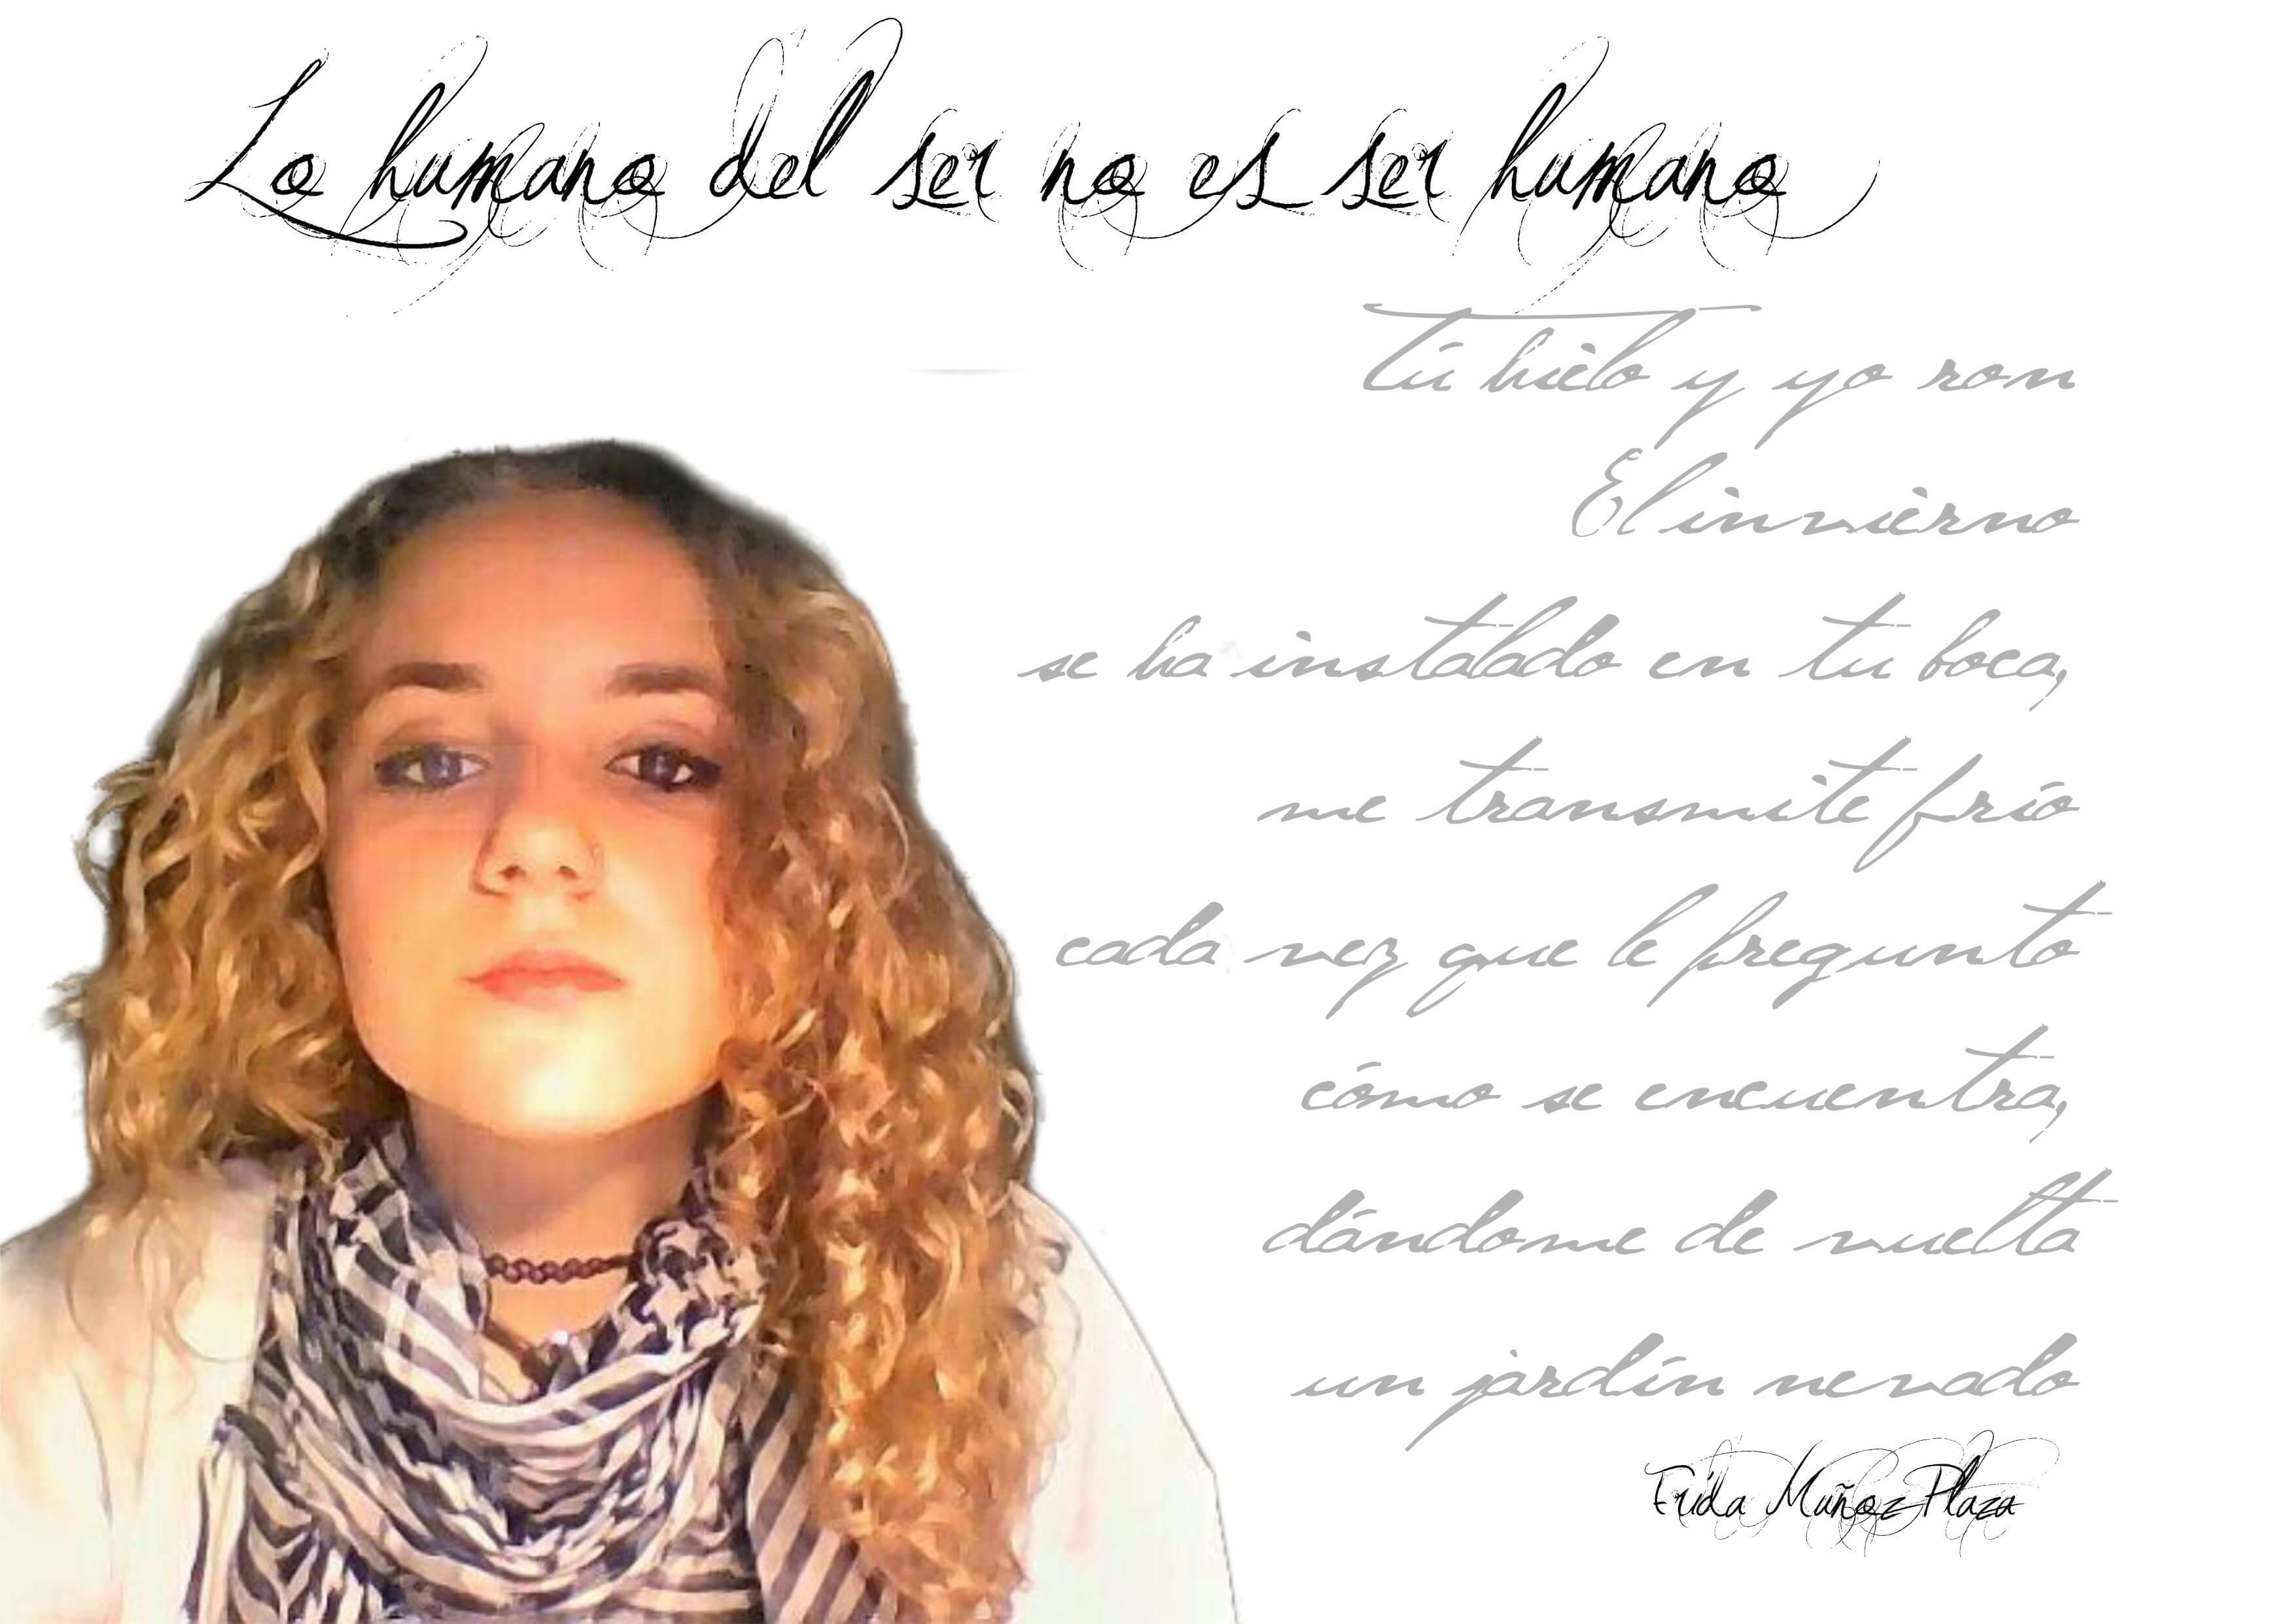 """Frida Muñoz Plaza: """"es ahora cuando el arte minoritario de la poesía está creciendo a una gran escala"""" FichaAutor revista de poesía Revista de poesía. Revista Poesía eres tú. FichaAutor"""